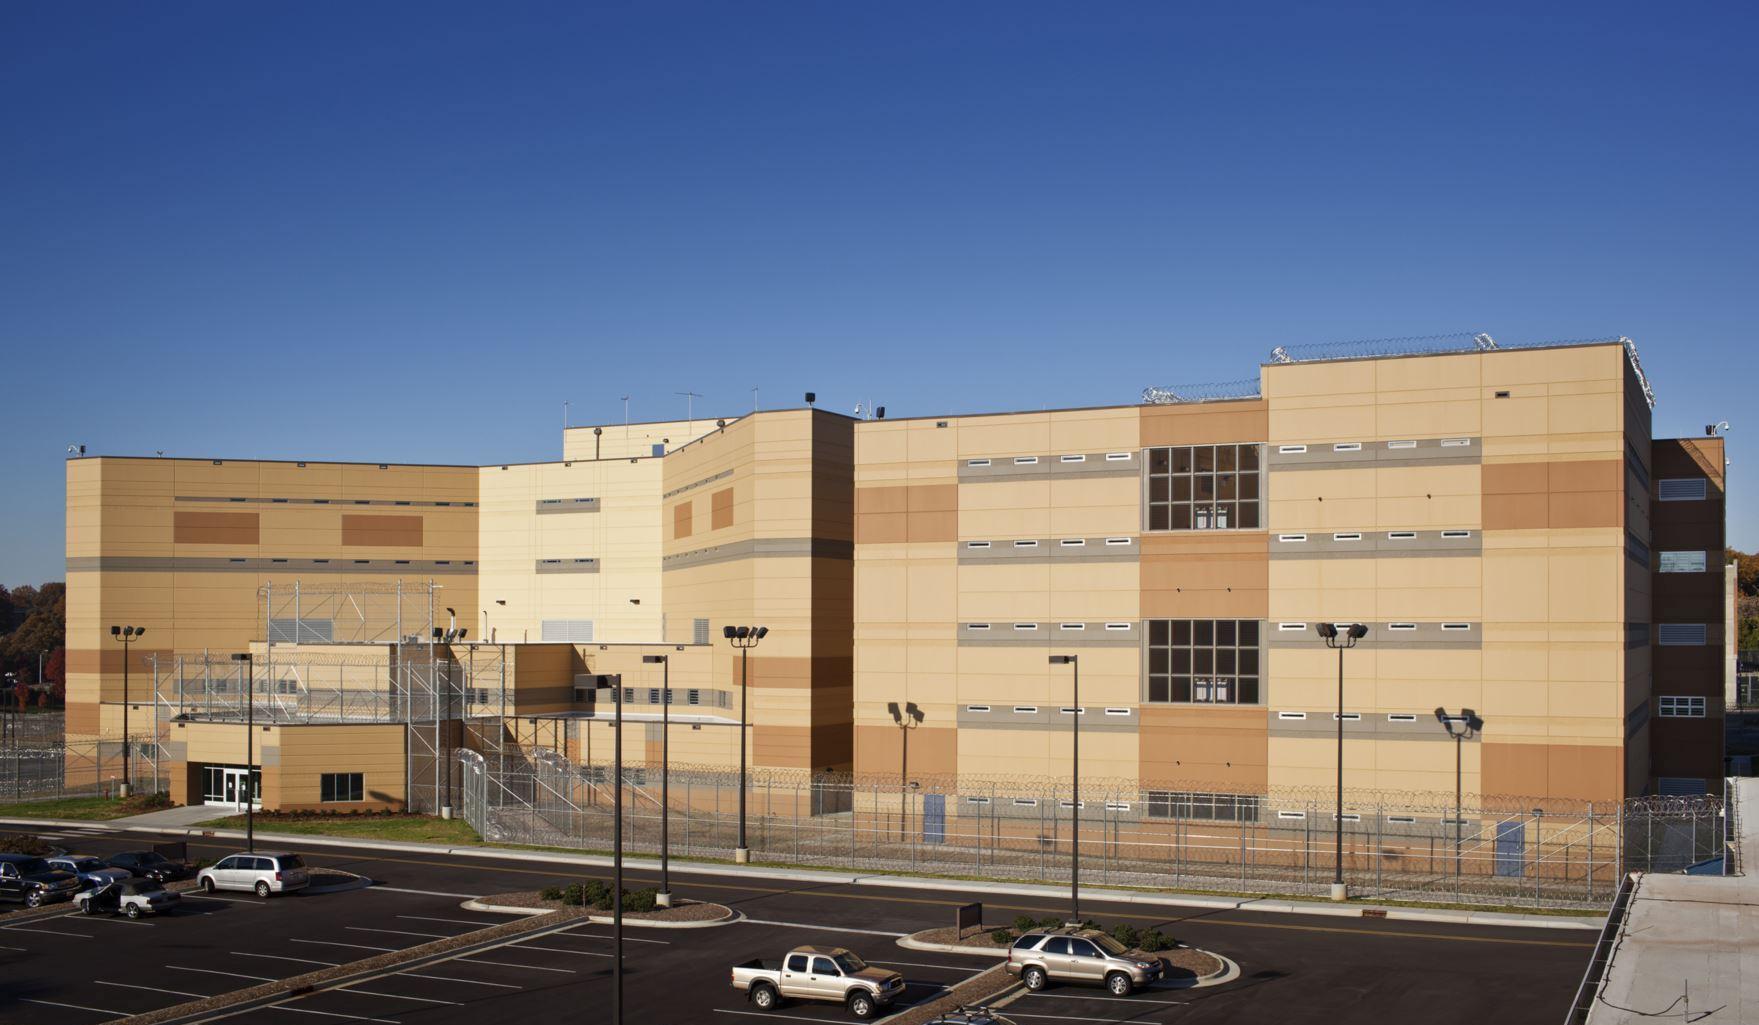 Central Prison